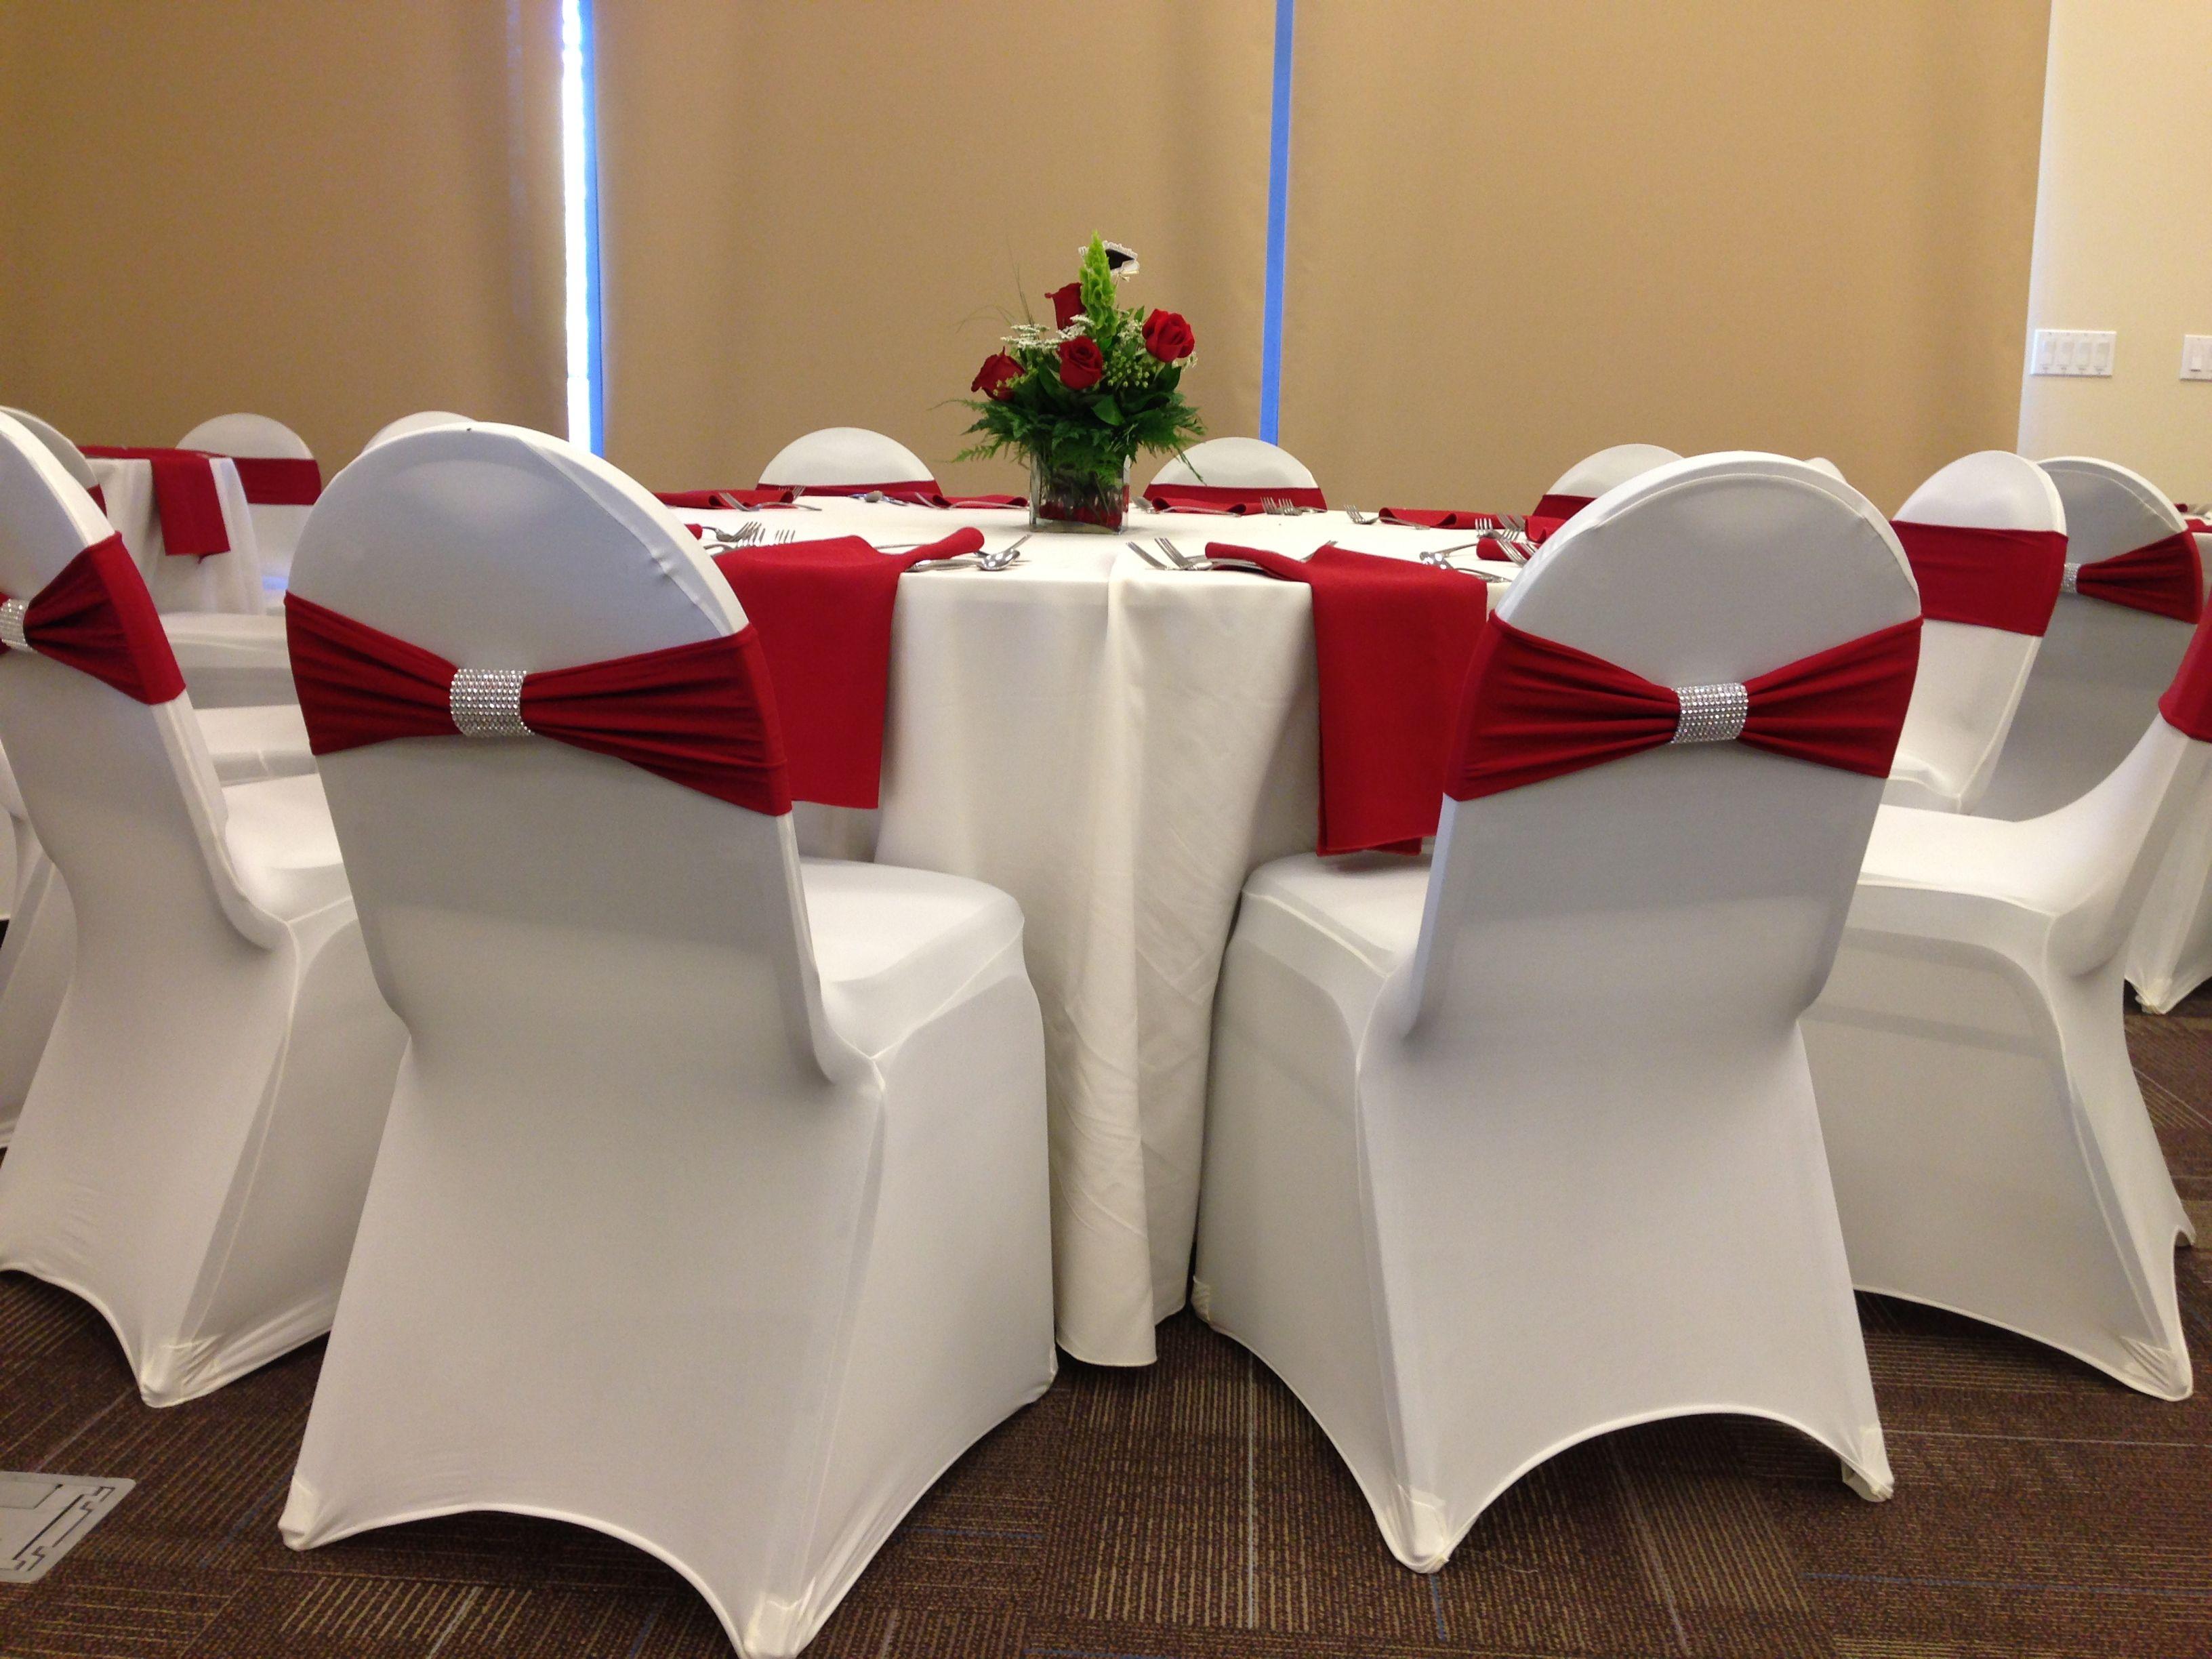 White Spandex Banquet Chair Cover Rent Banquet chair